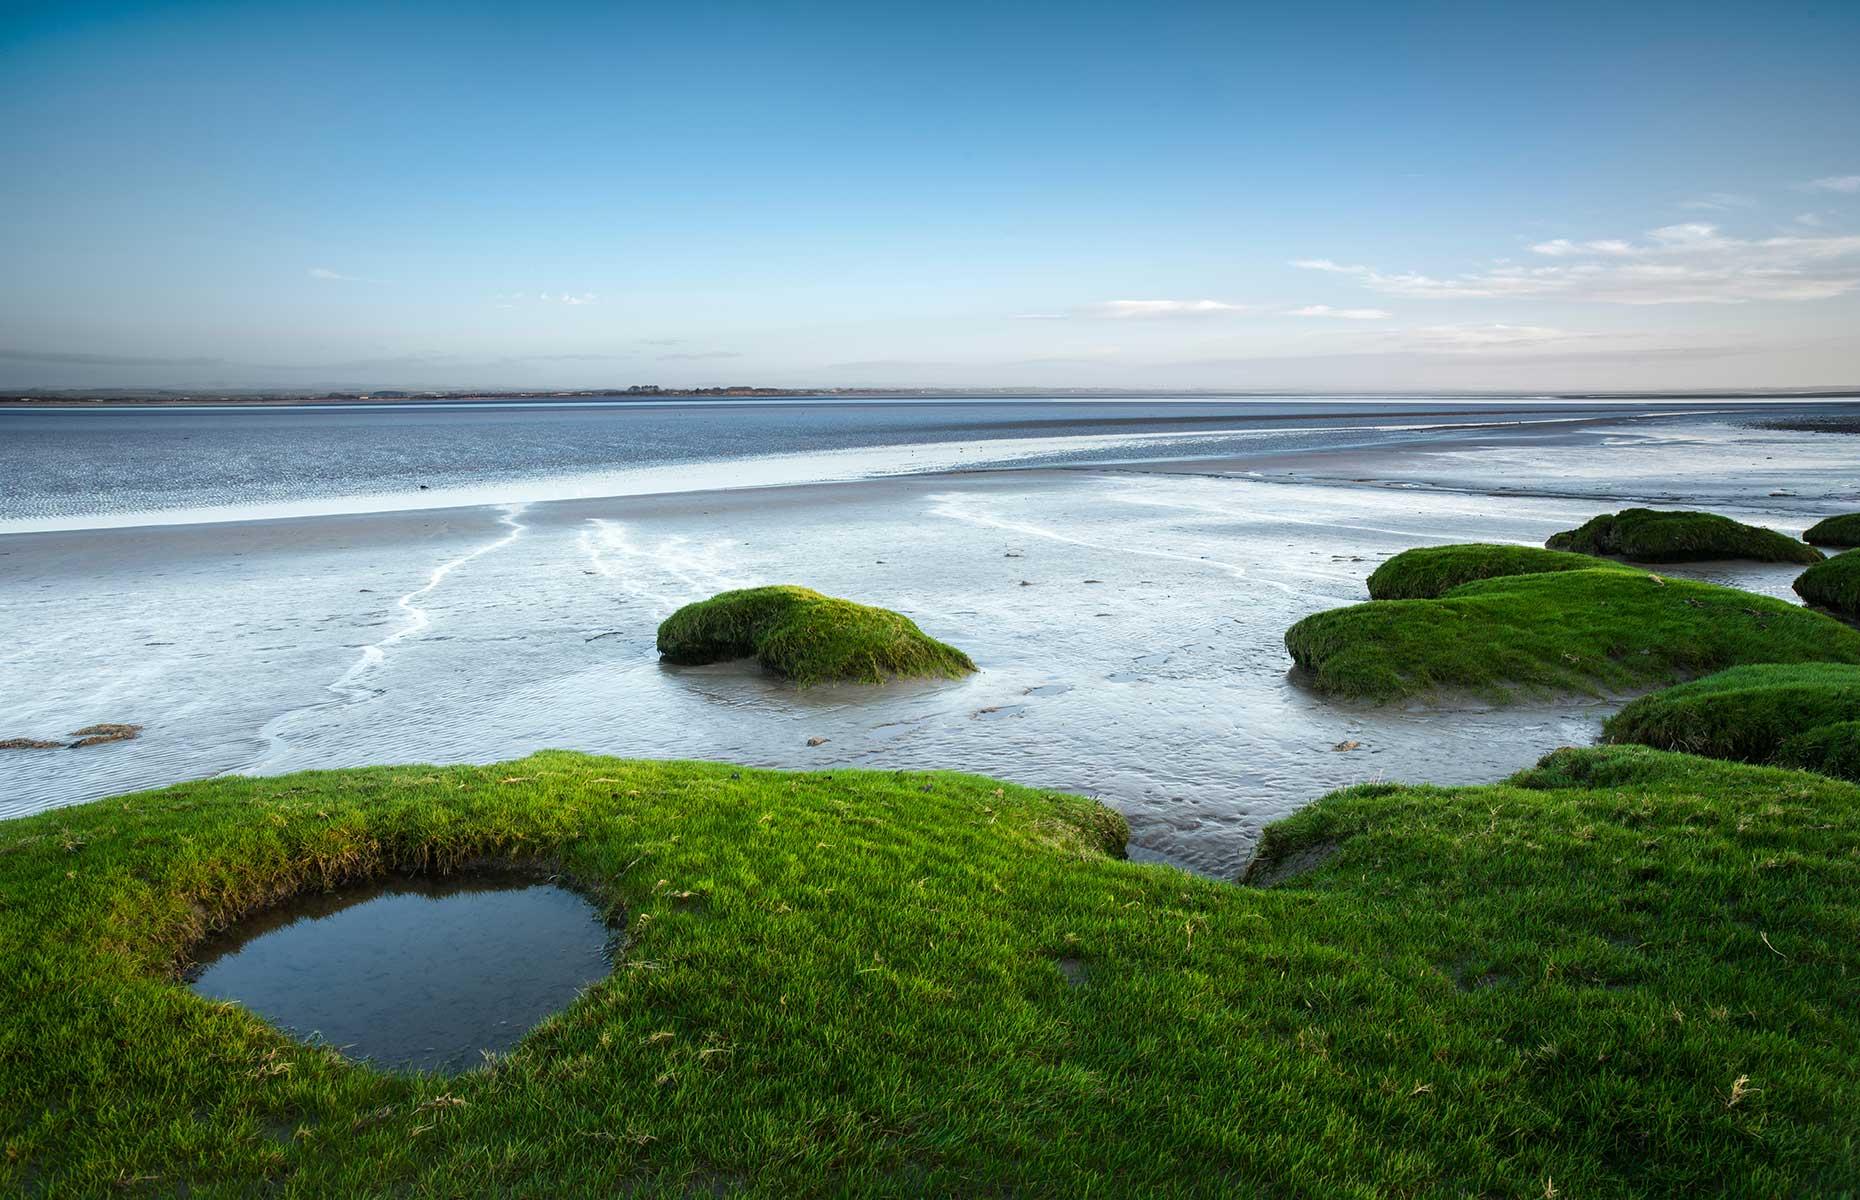 Solway Coast (Image: Nigel Eve/Shutterstock)